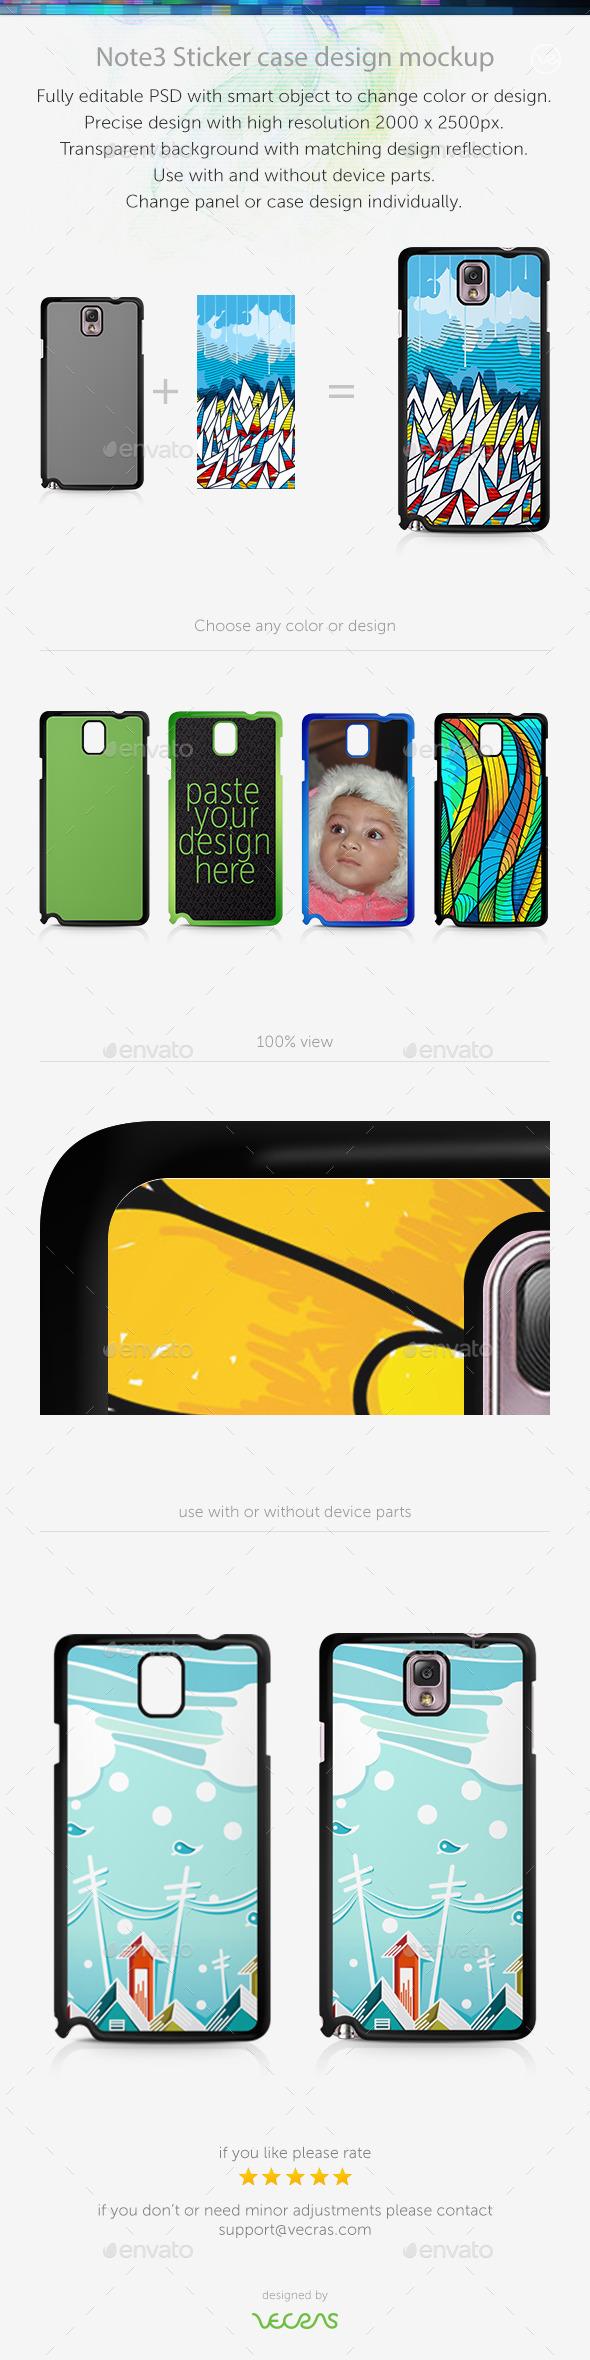 Note3 Sticker Case Design Mockup - Mobile Displays